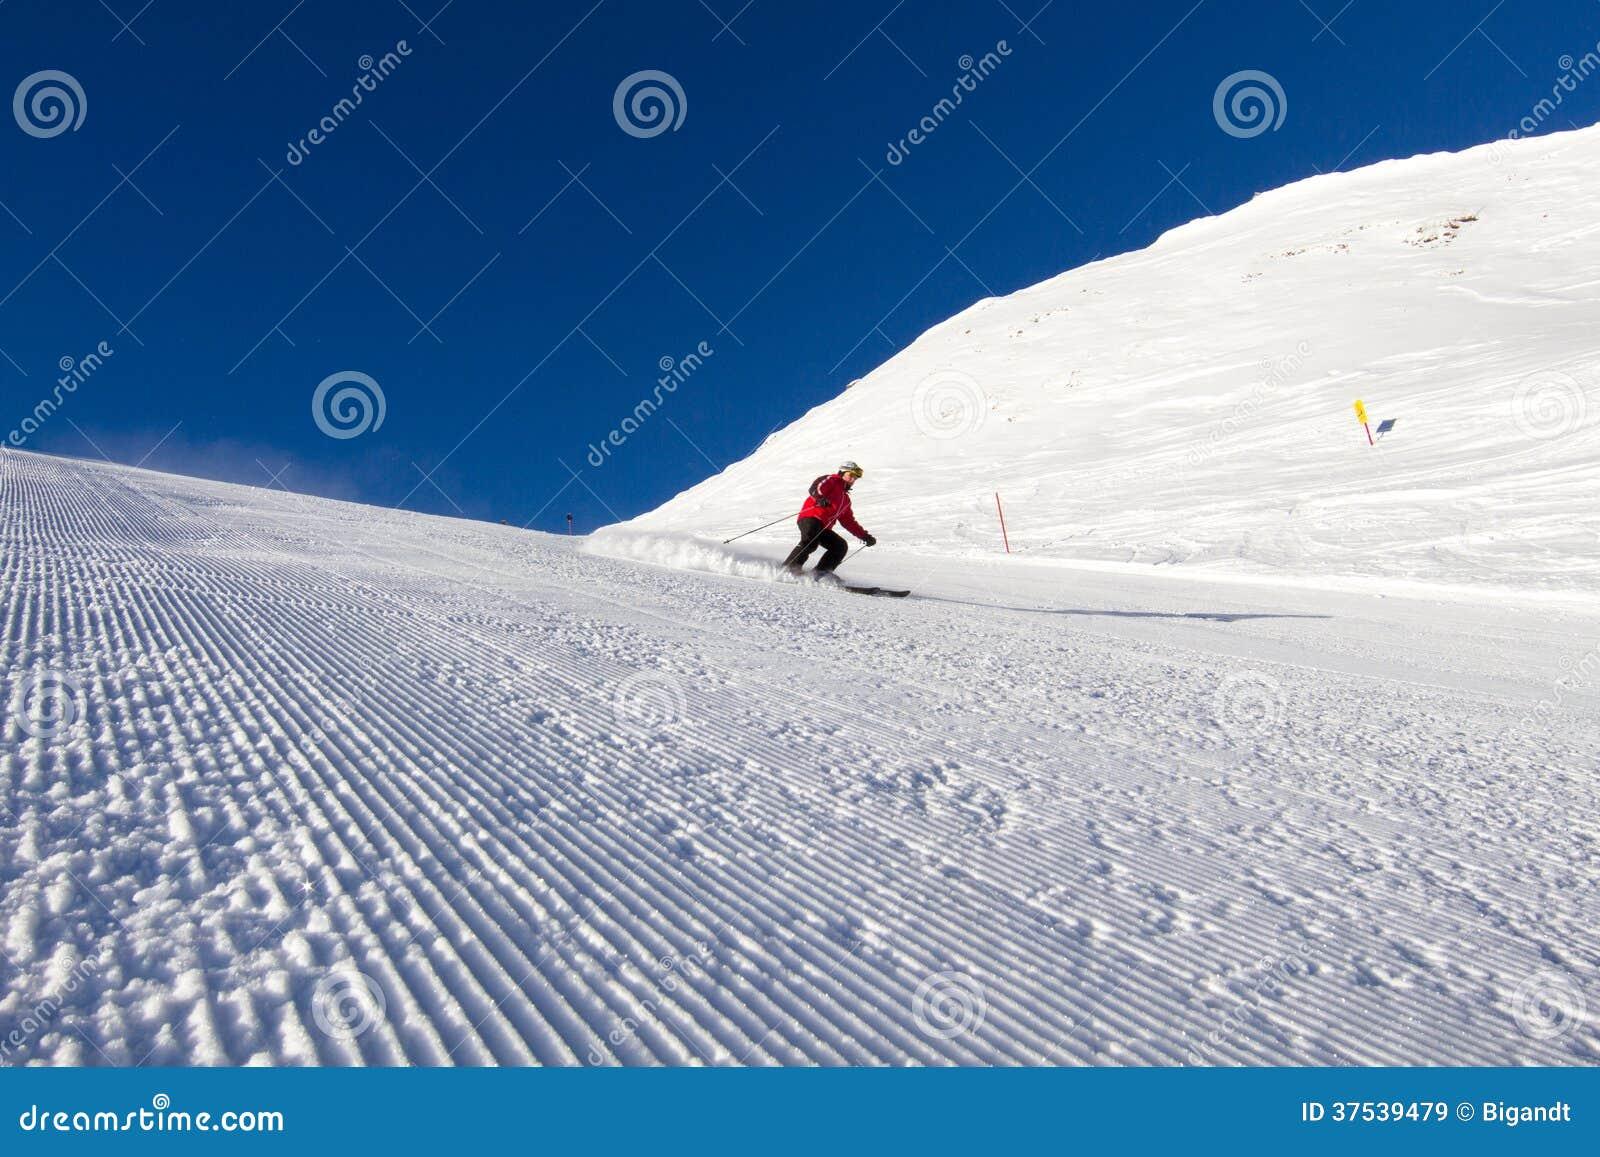 Esquiador na inclinação preparada do esqui